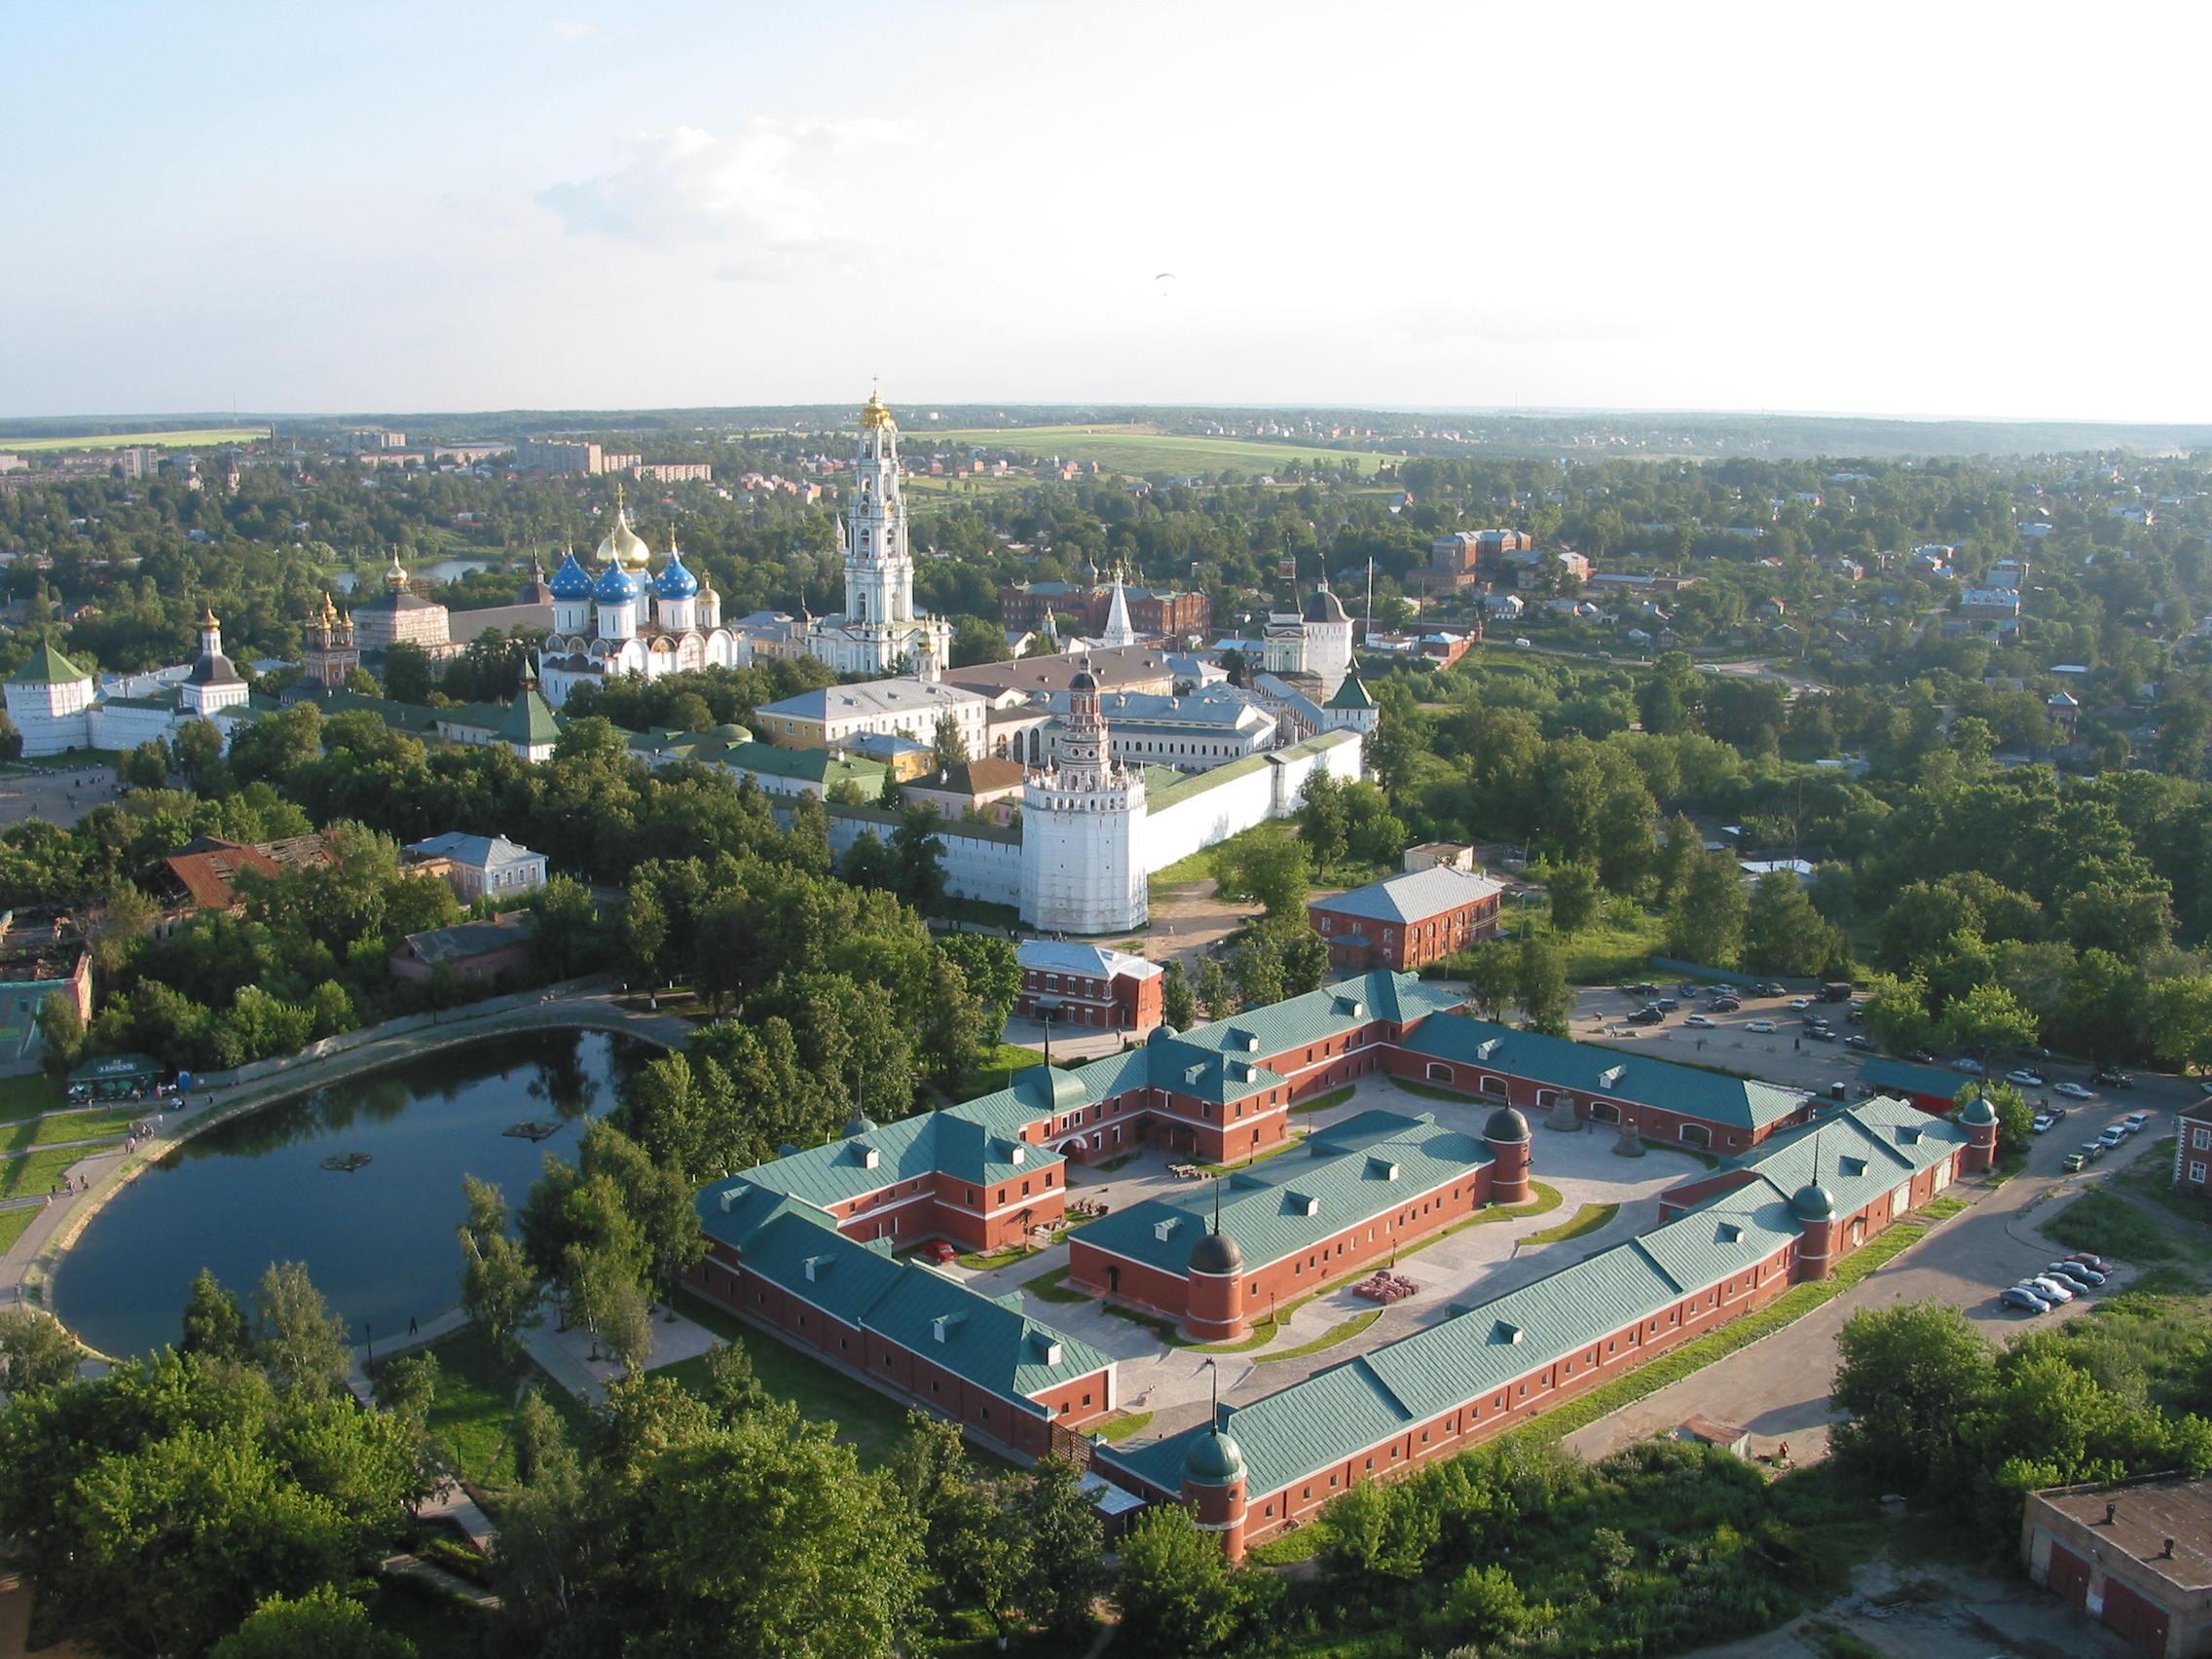 http://www.sergiev.ru/media/images/155/003.JPG